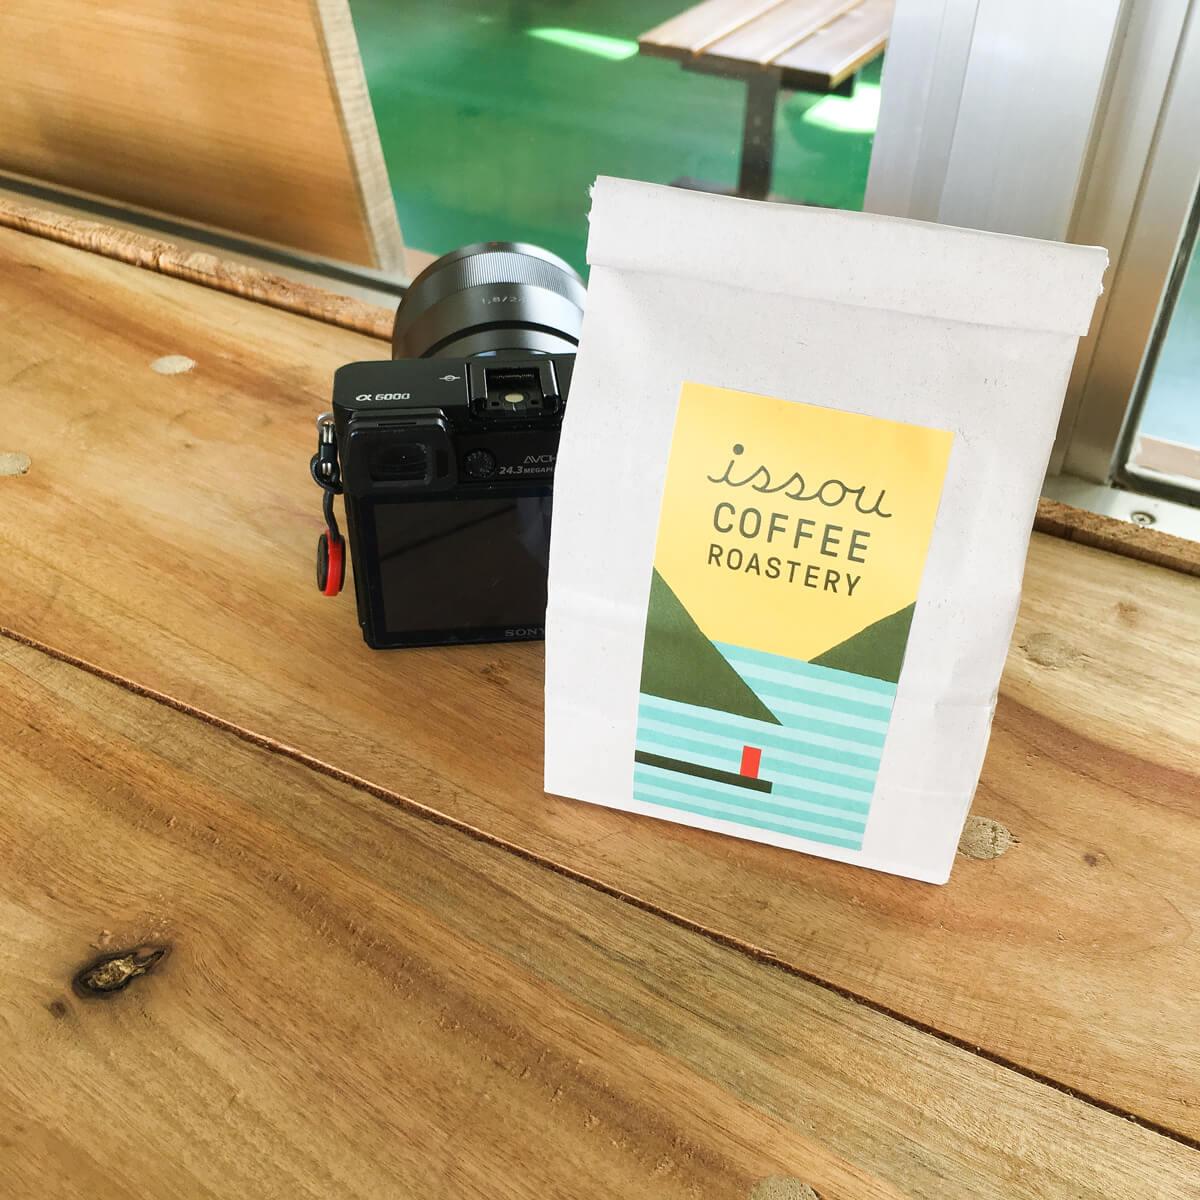 屋久島のコーヒー豆 屋久島日々の暮らしとジュエリー